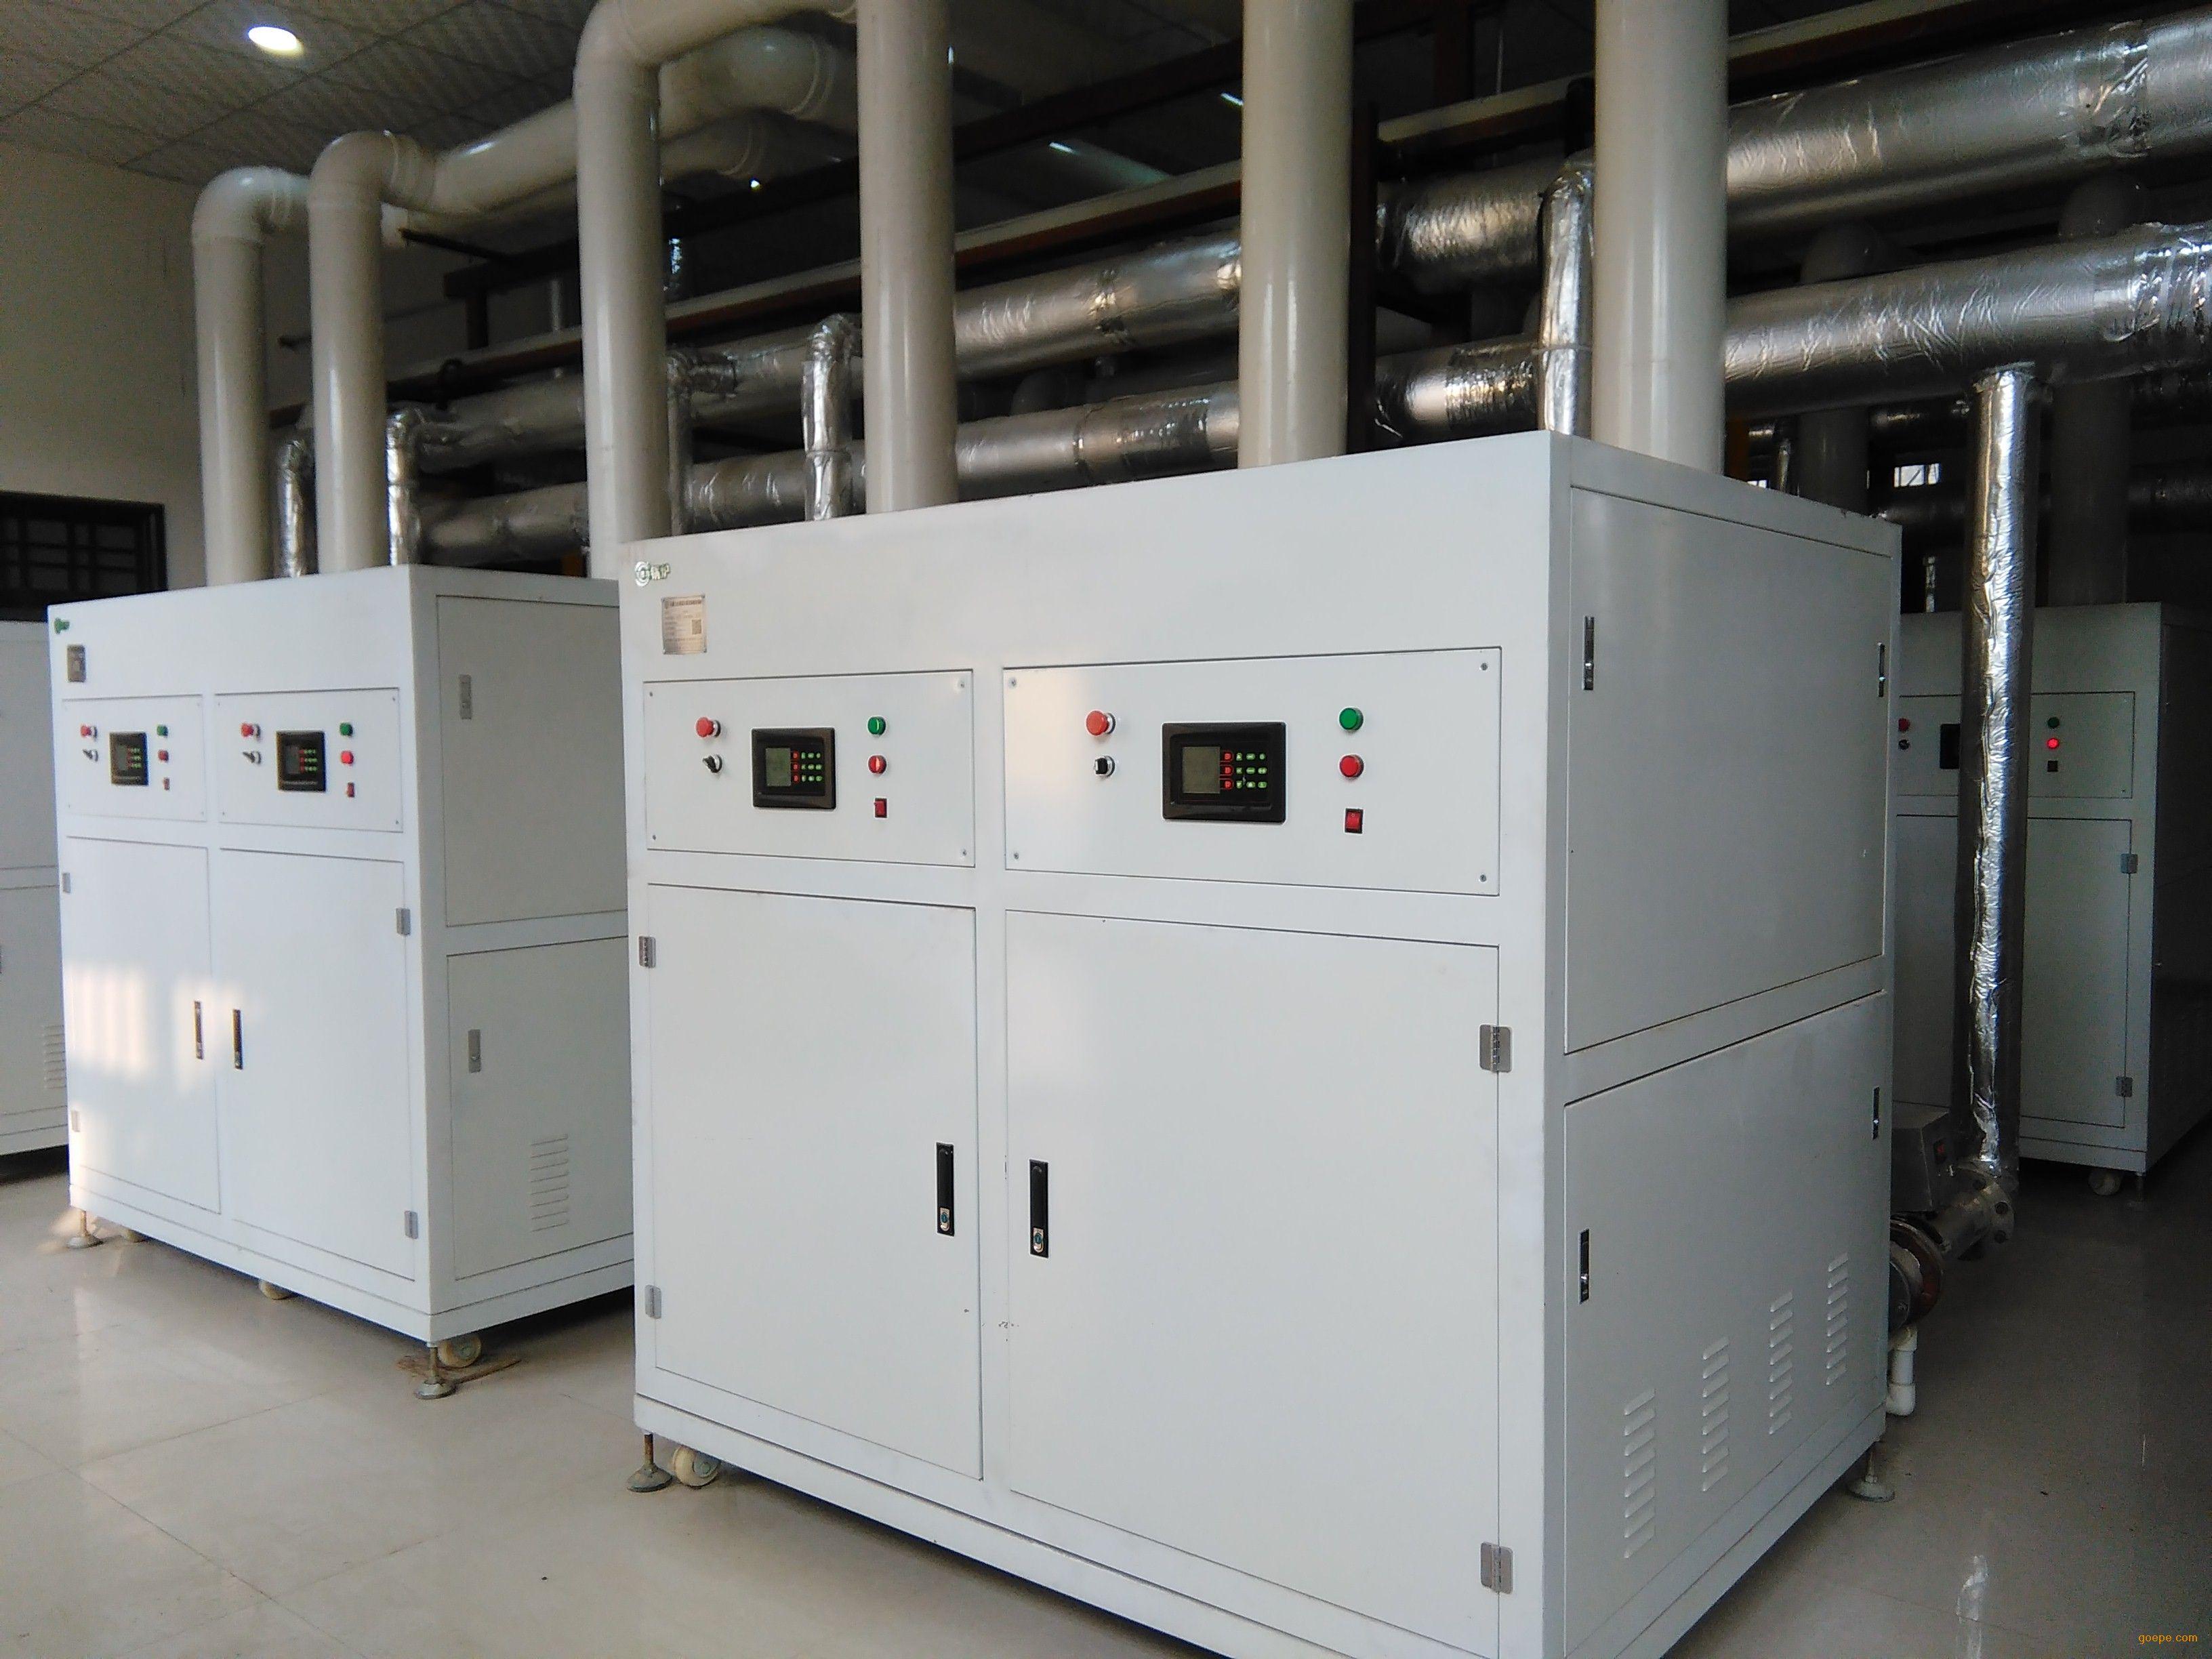 【燃气模块锅炉价格】燃气模块锅炉图片 - 中国供应商